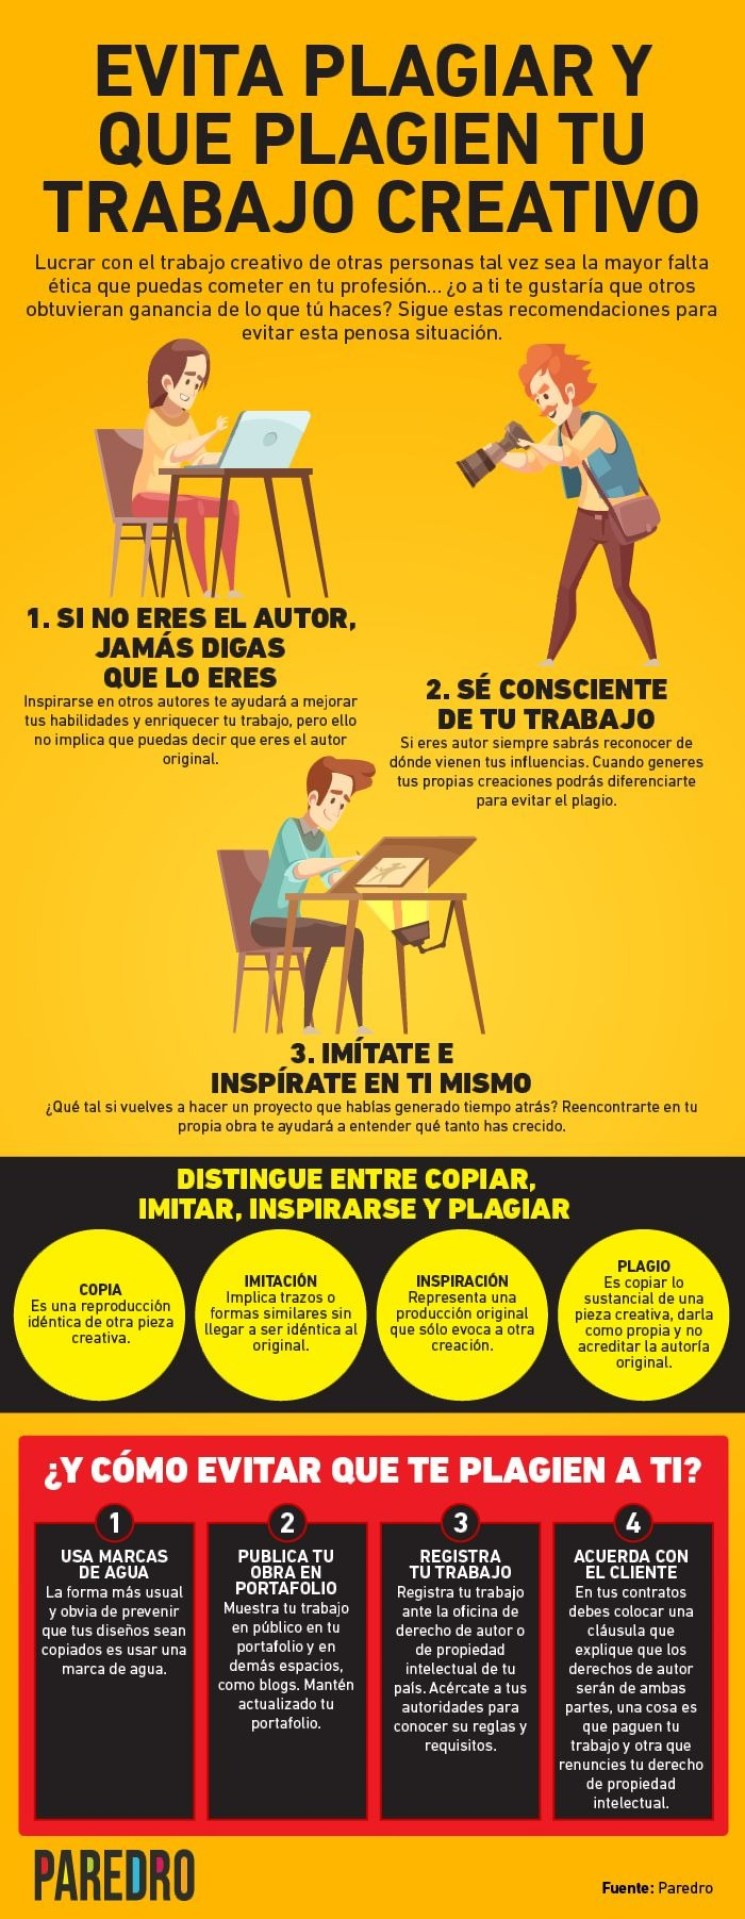 Evita plagiar y ser plagiado en tu trabajo creativo